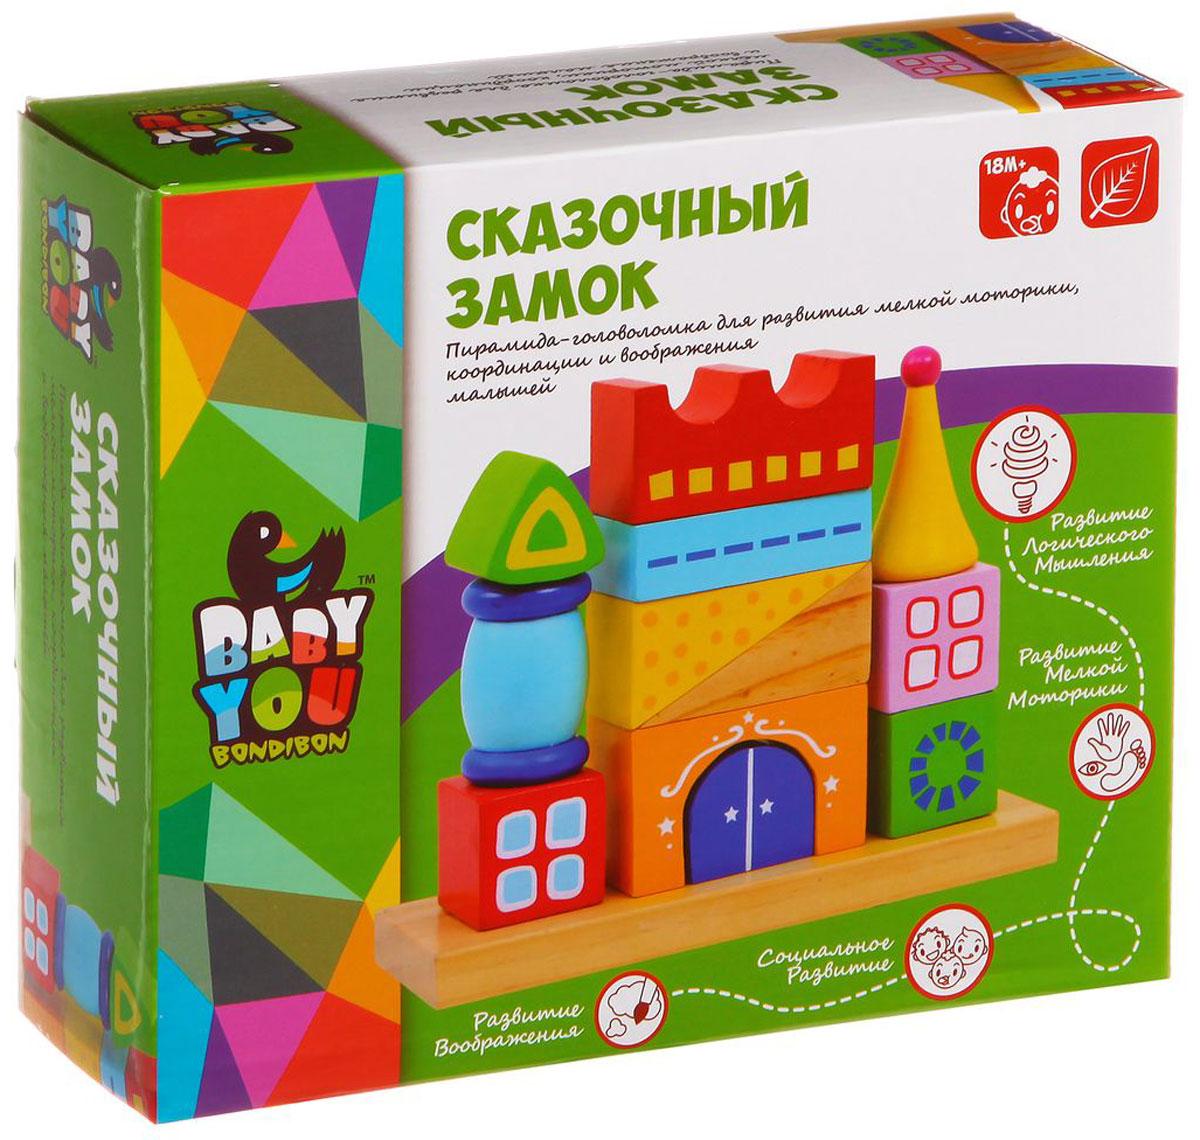 Bondibon Логическая пирамида Сказочный замок, Bondibon Creatures Co., LTD